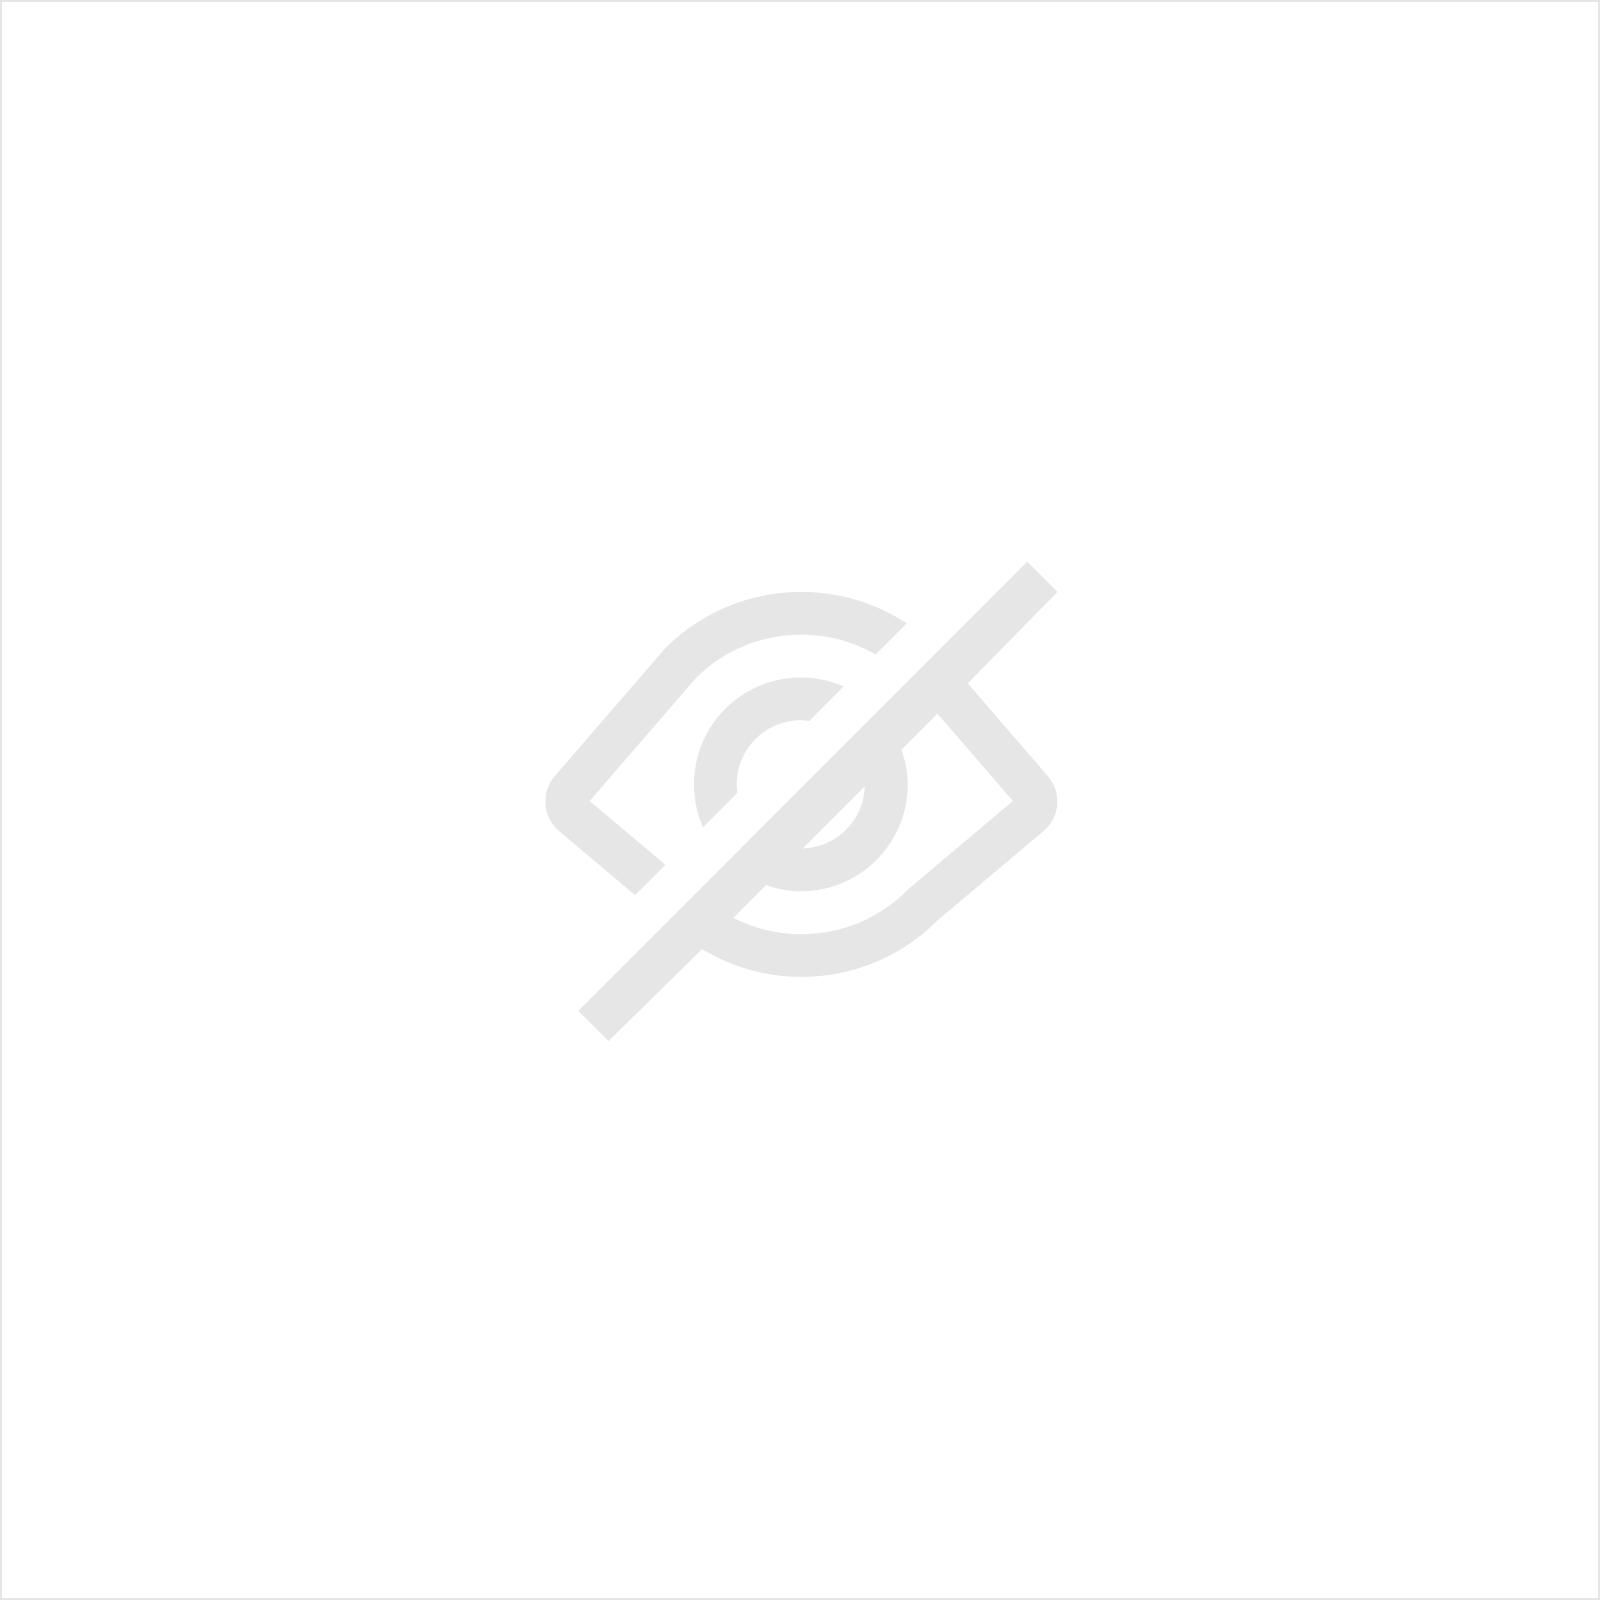 OPTIONEEL FLAT BEAD ROLL SET 3/8 VOOR BOORD EN LIJSTMACHINE